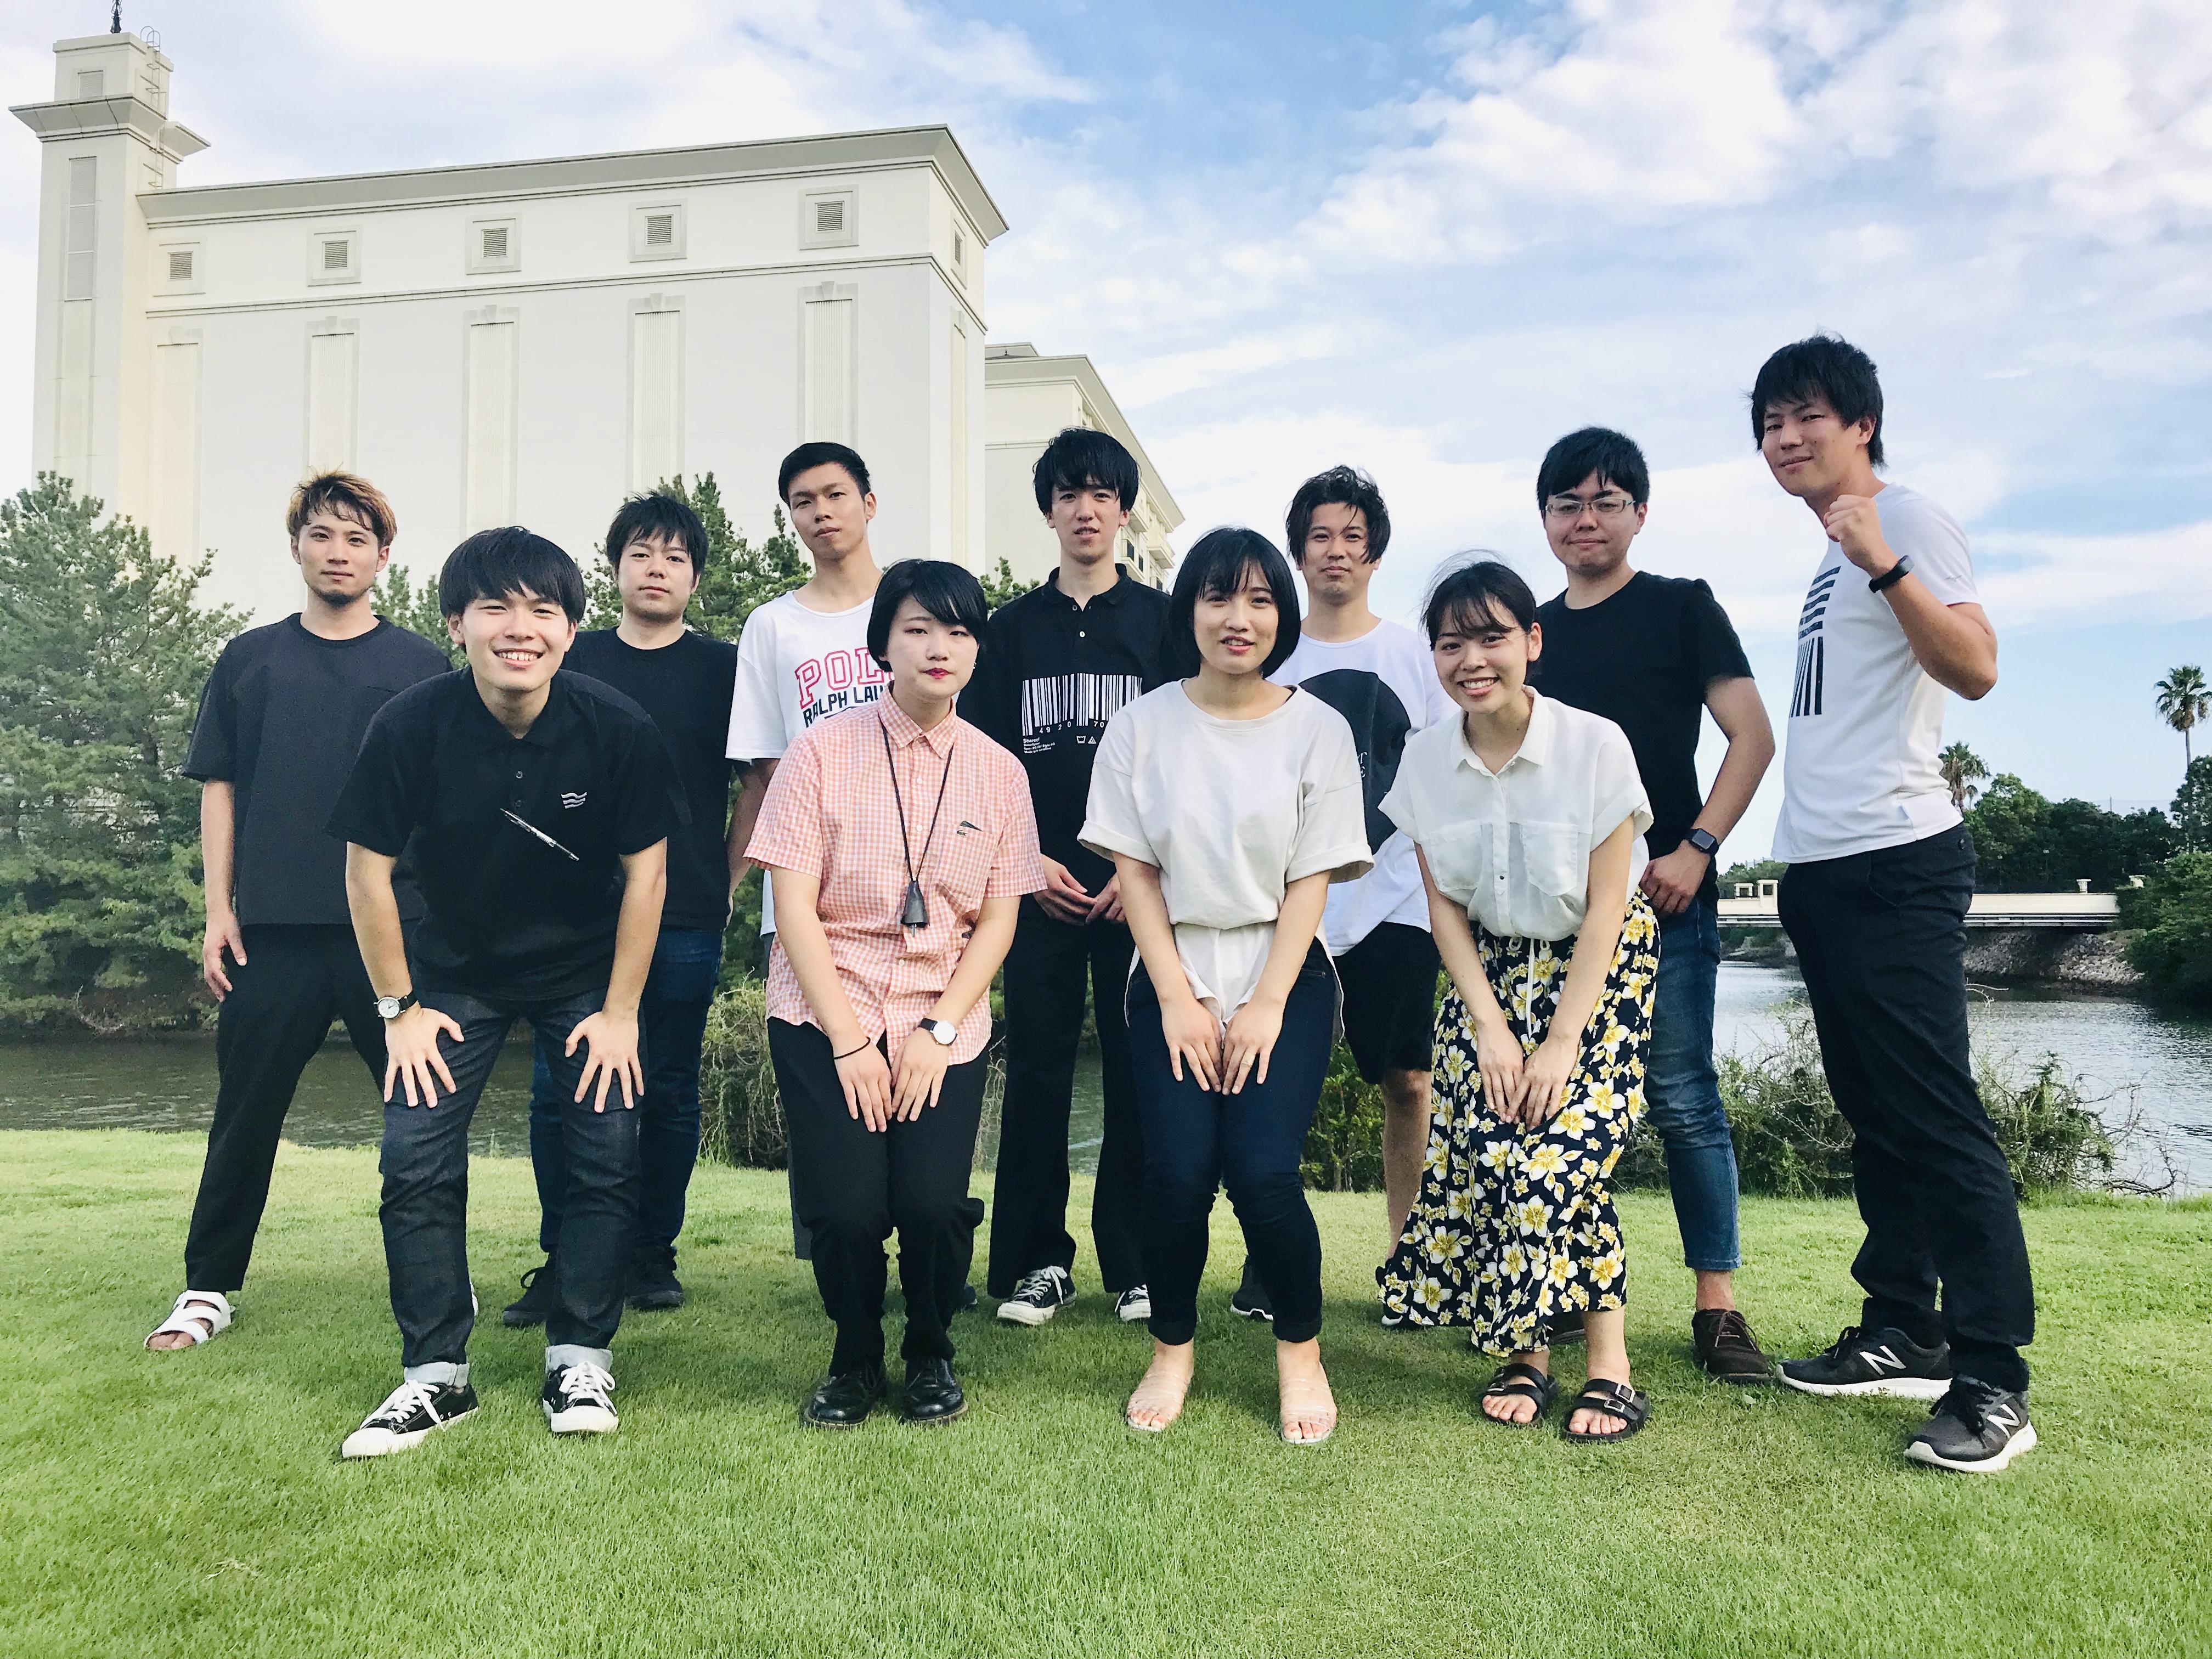 3ヶ月で県内大学生9名を獲得した『WANTEDLY』の実力